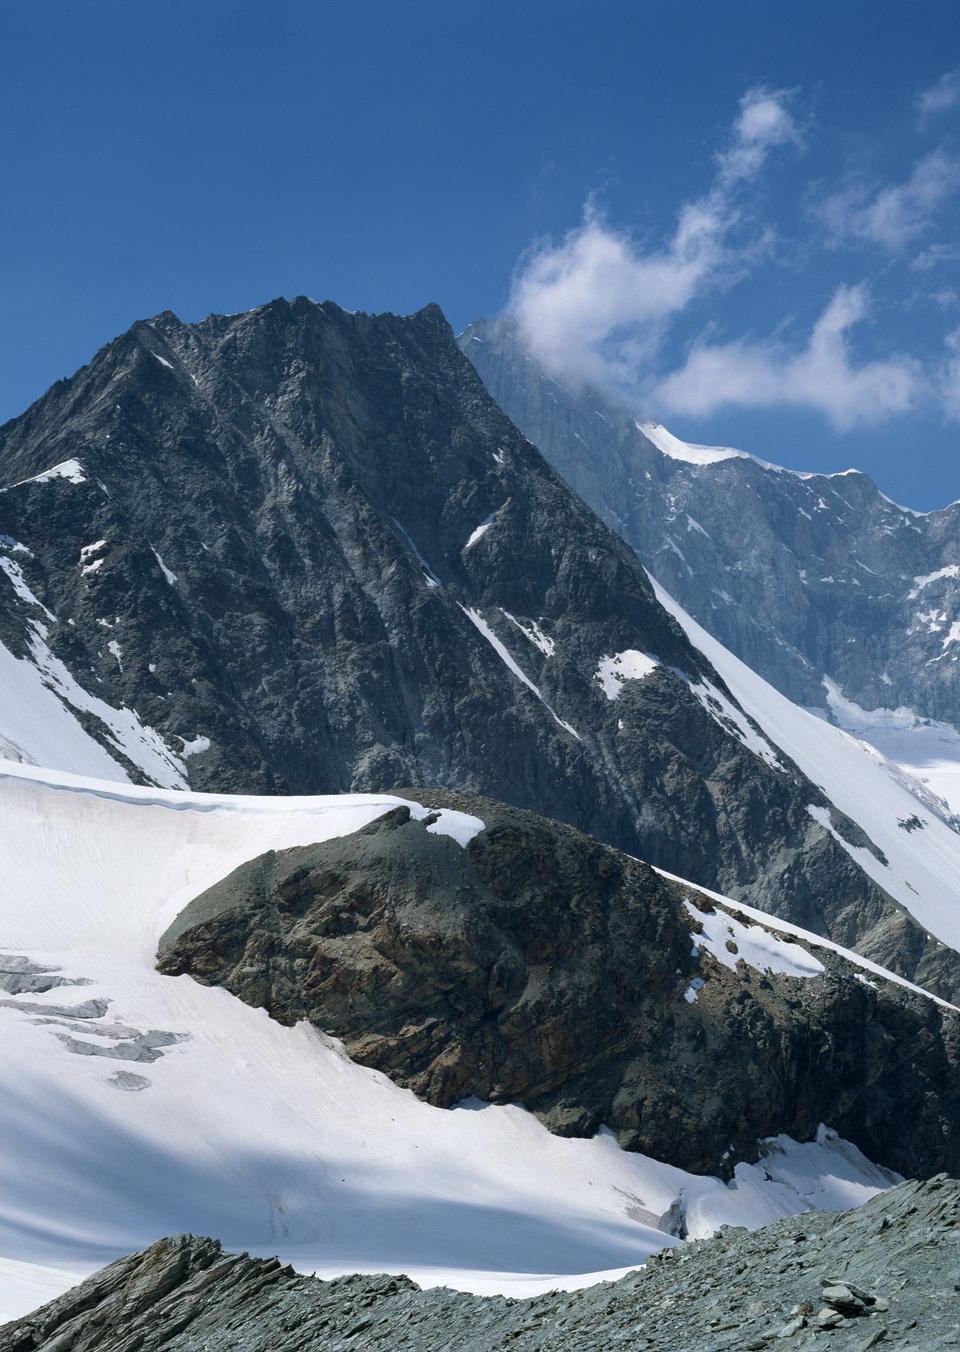 高山阿尔卑斯山地景观